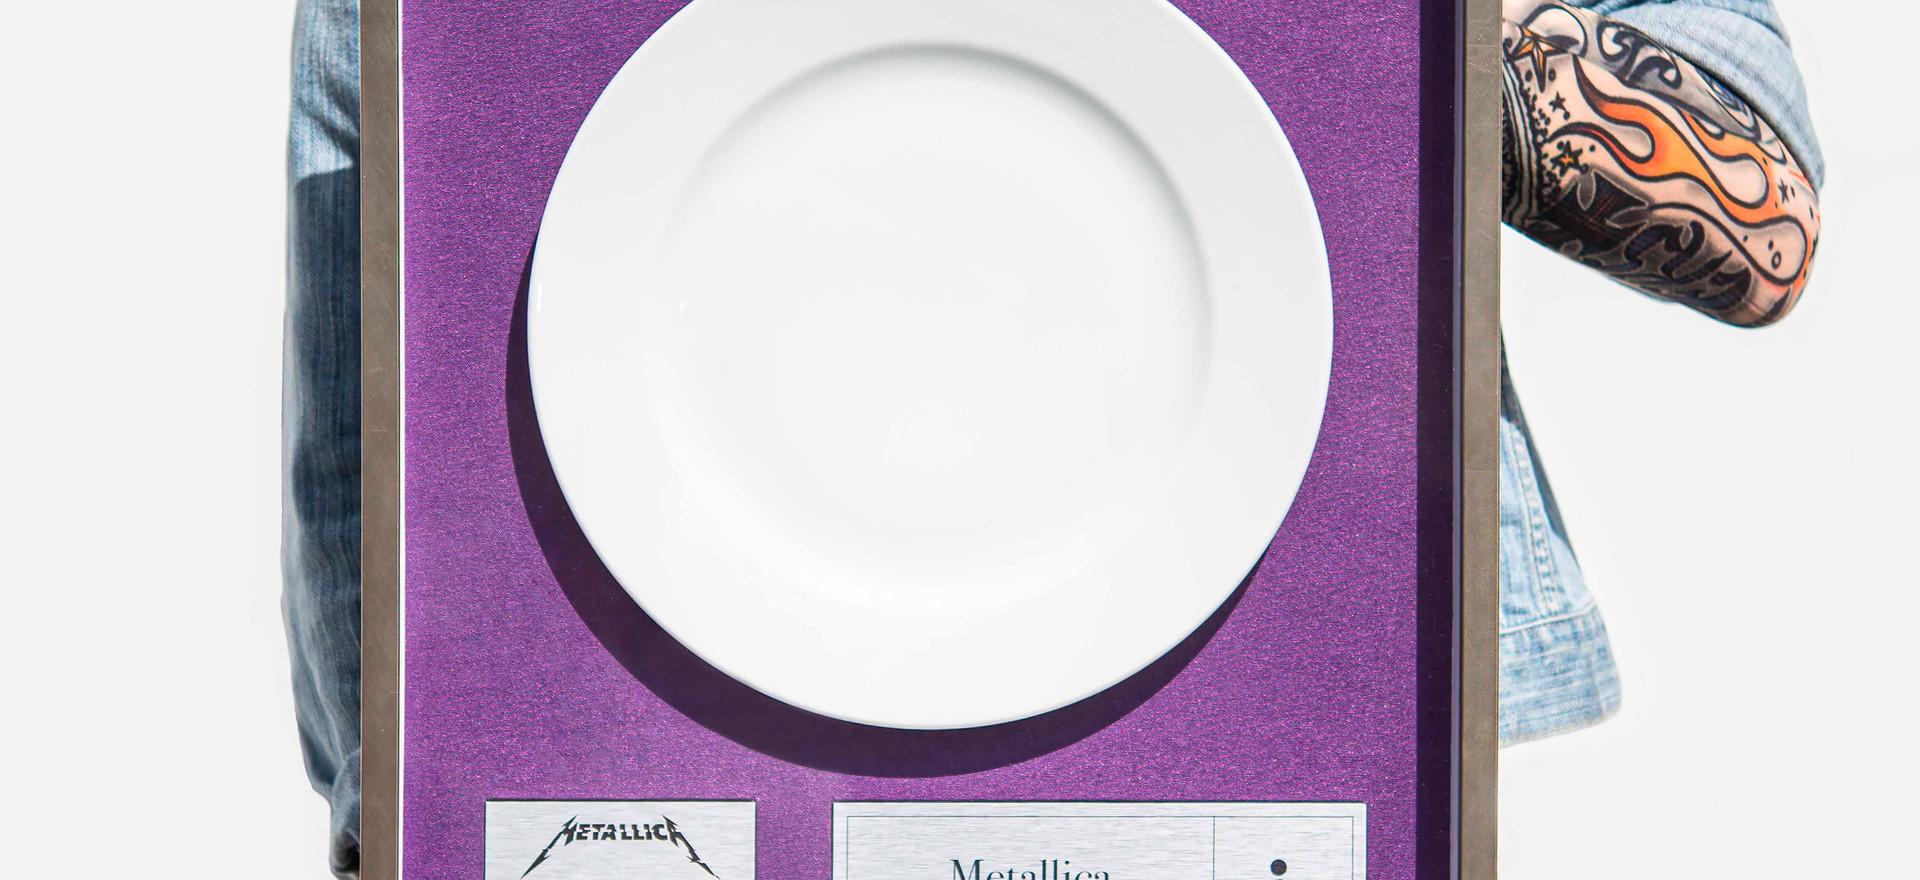 Obedy pro deti/ Metallica